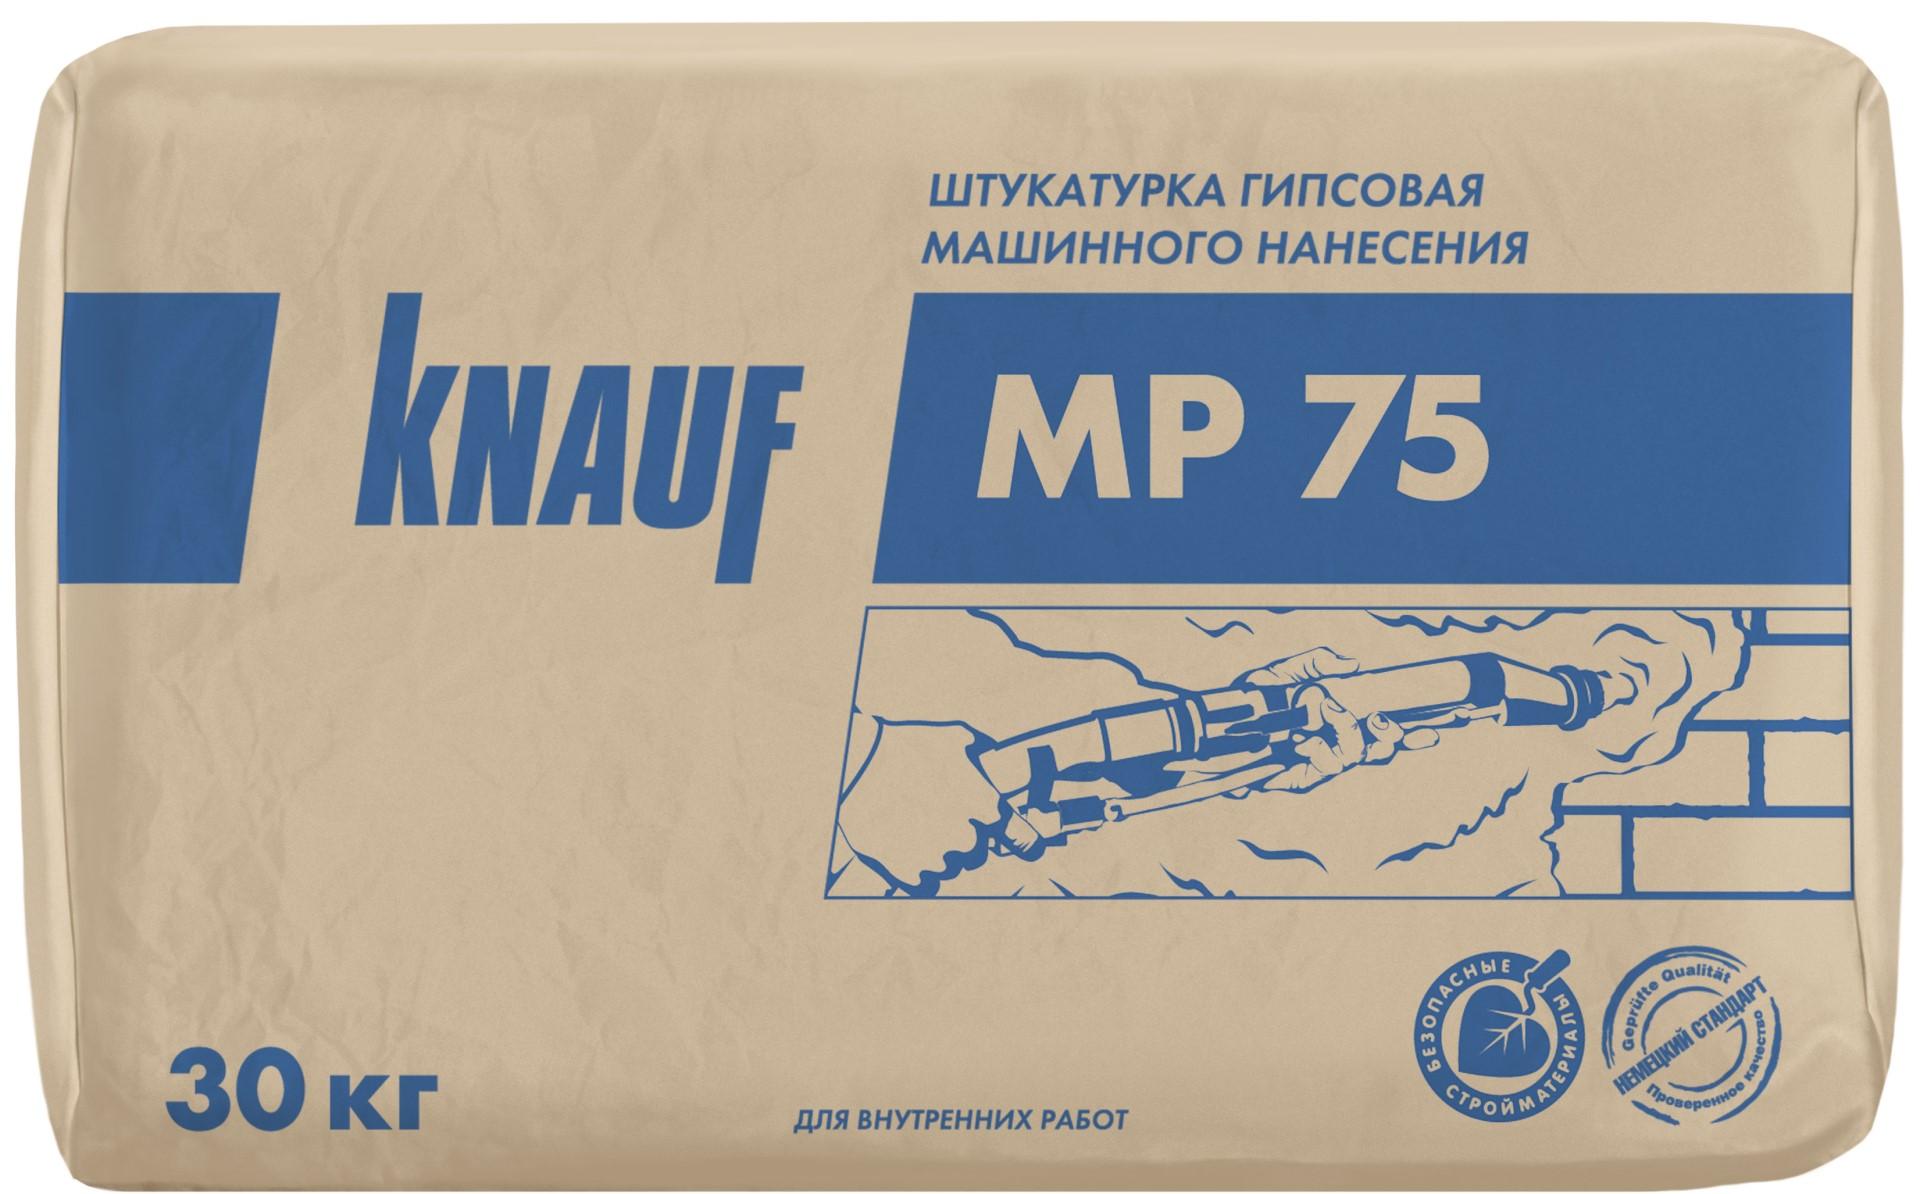 Купить Штукатурка гипсовая для машинного нанесения Кнауф МП-75 (серая), 30 кг — Фото №1